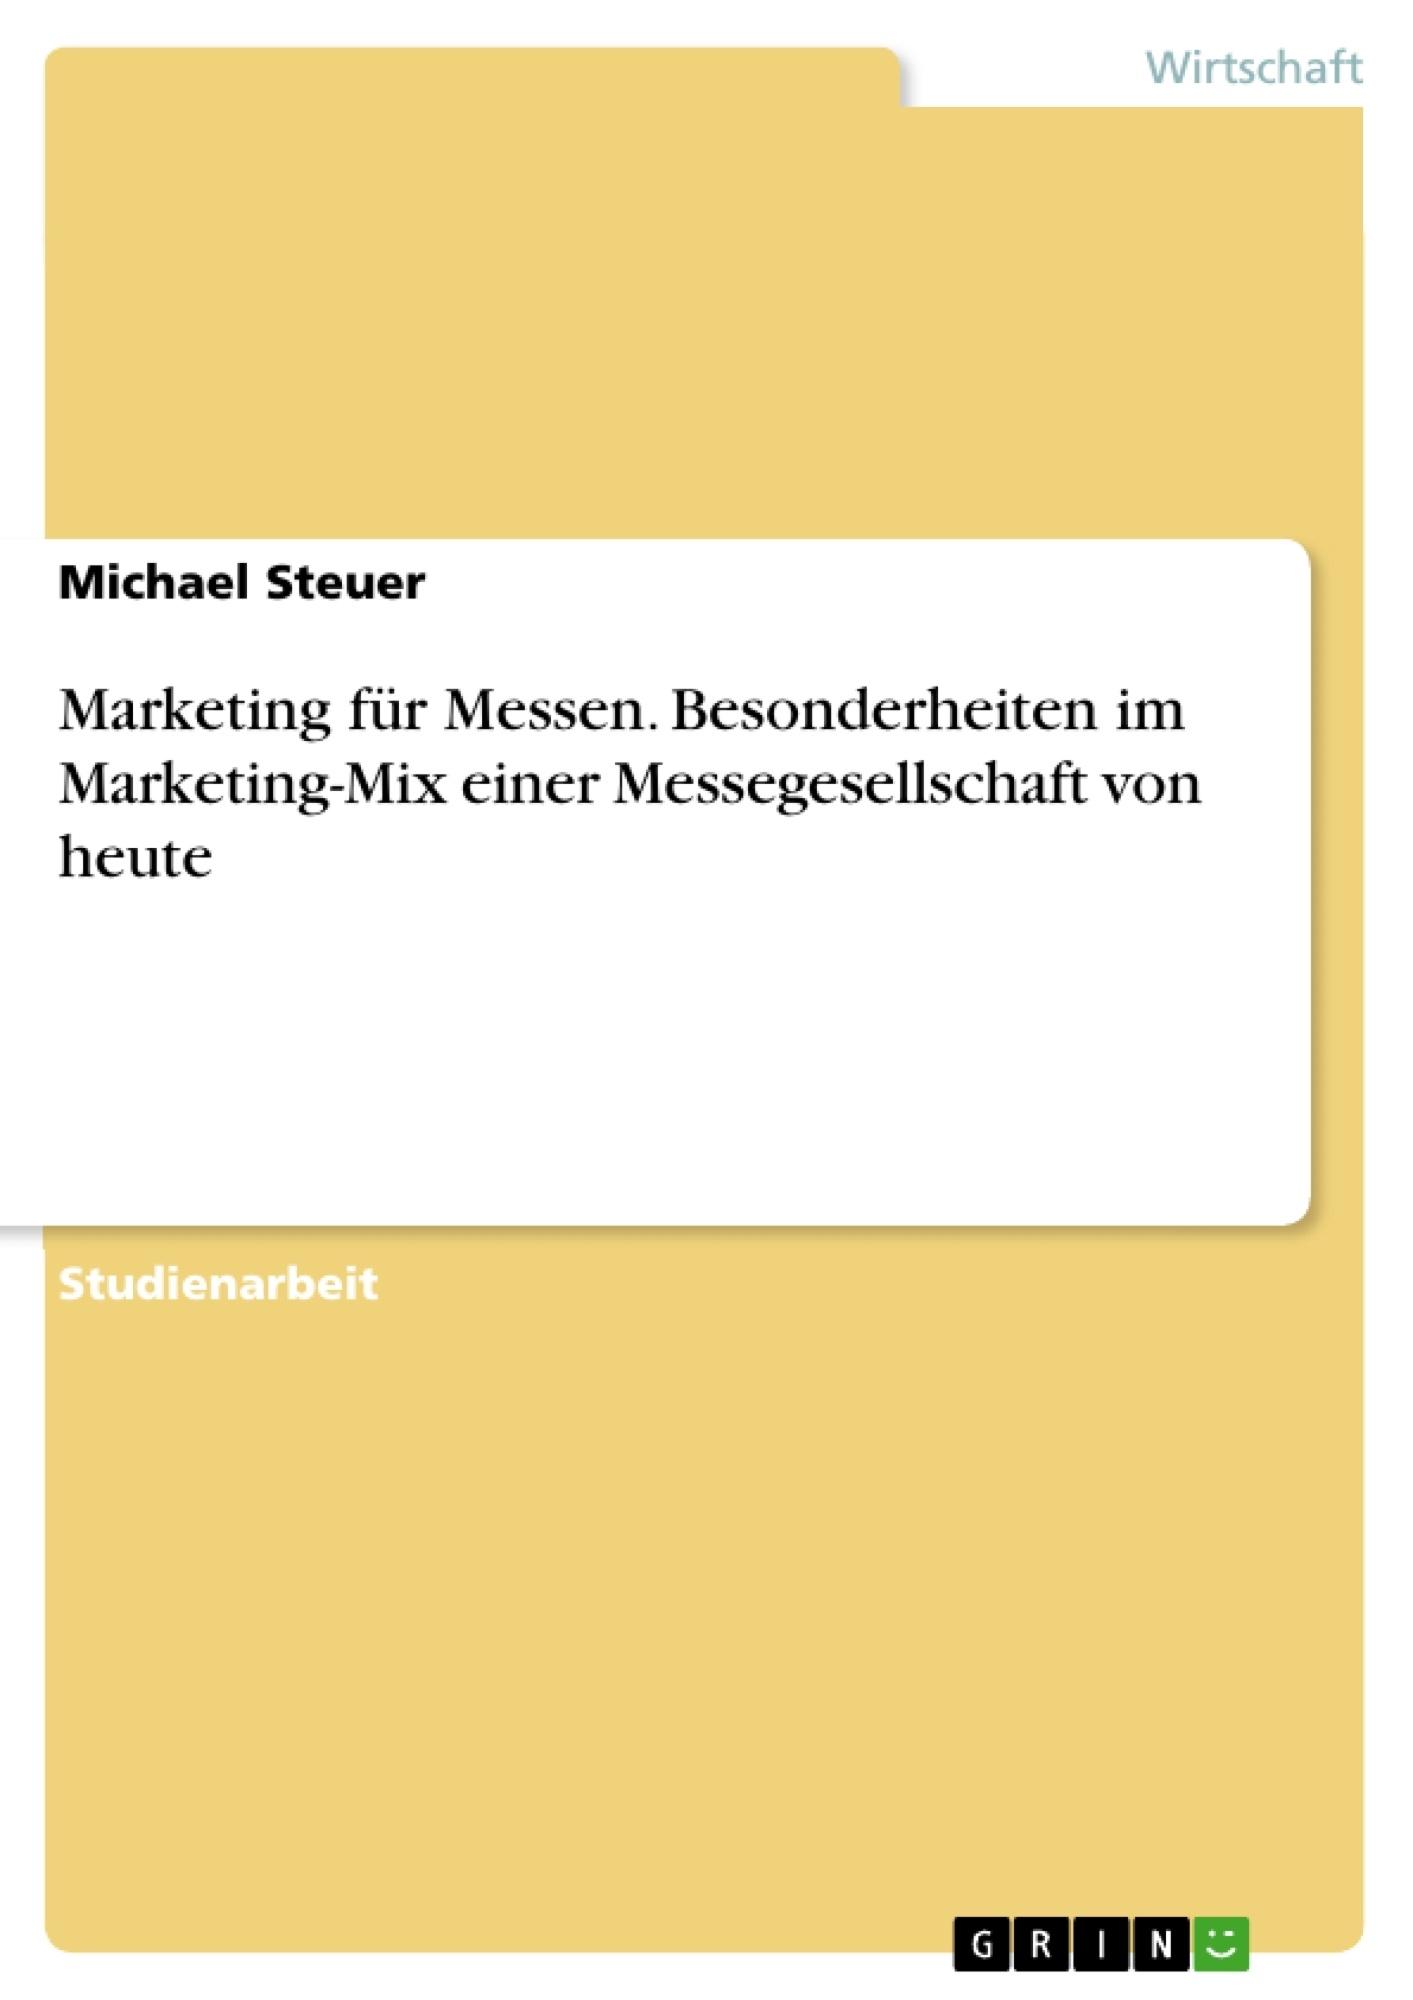 Titel: Marketing für Messen. Besonderheiten im Marketing-Mix einer Messegesellschaft von heute